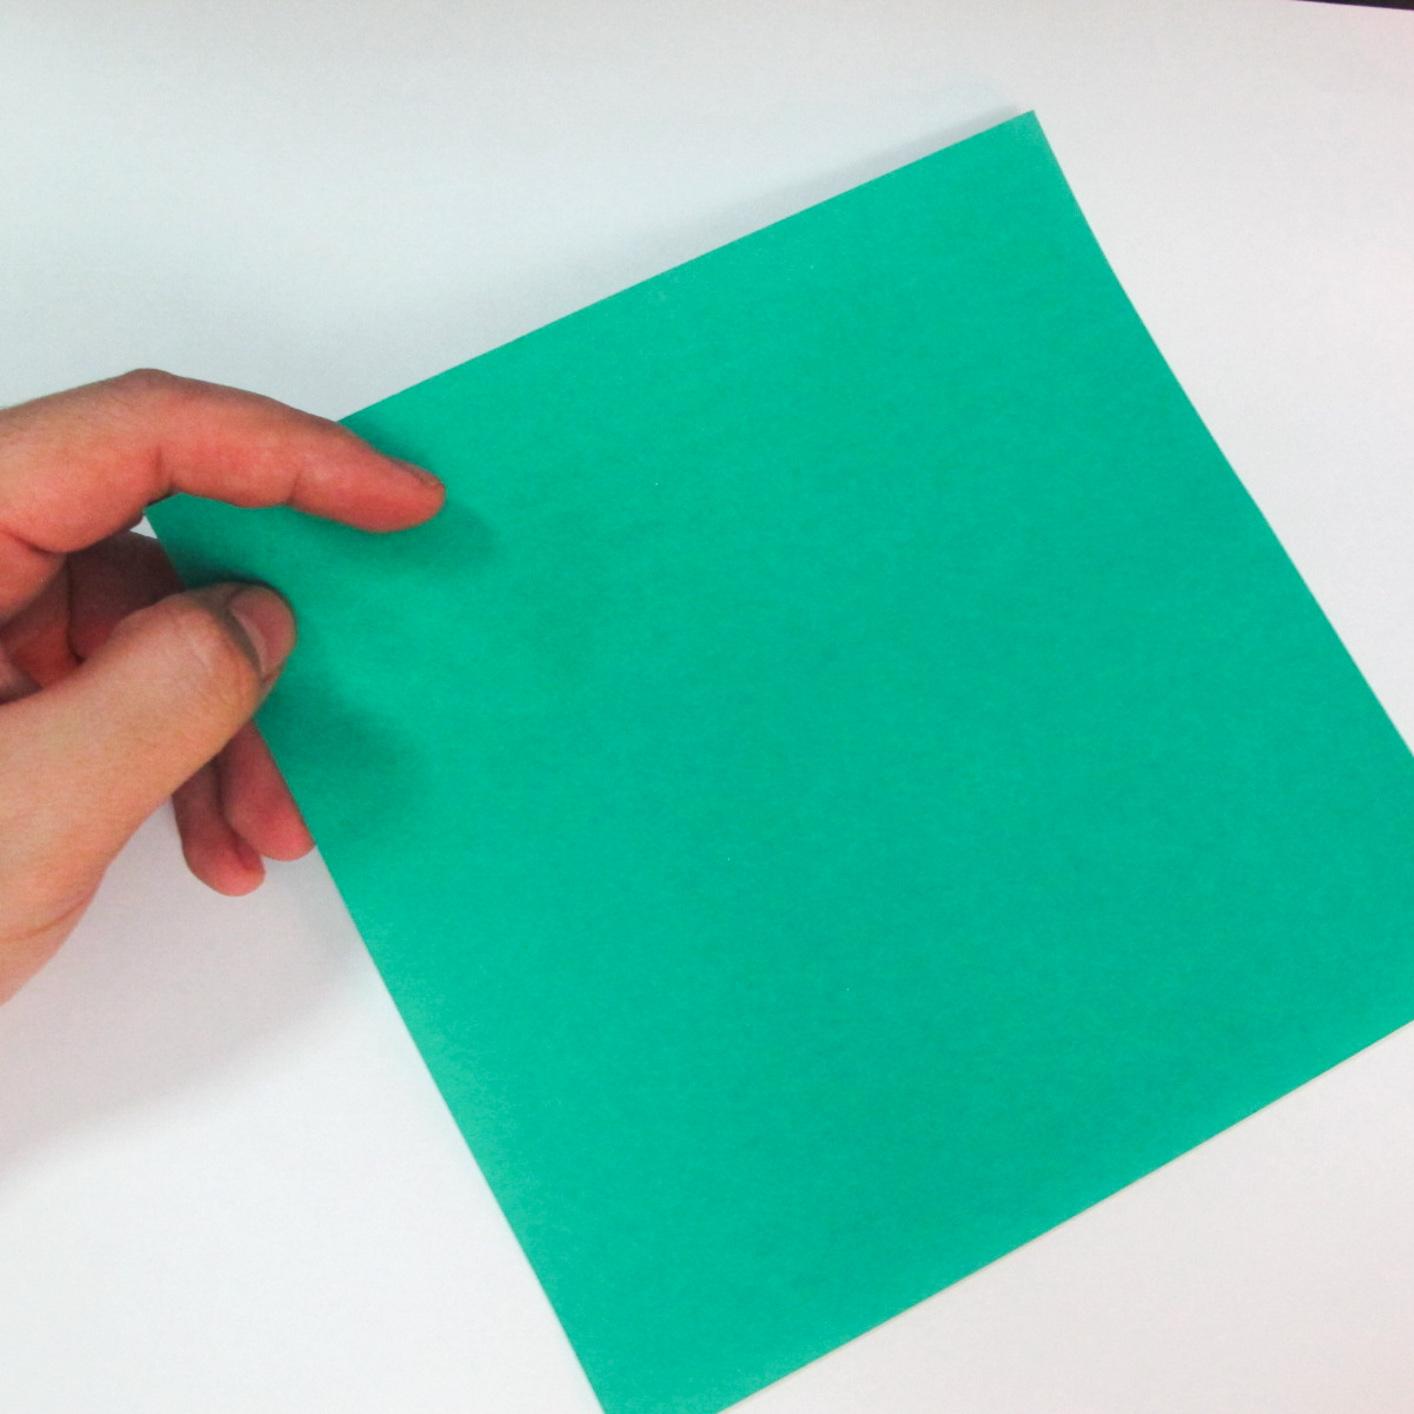 สอนวิธีการพับกระดาษเป็นรูปปลาฉลาม (Origami Shark) 001